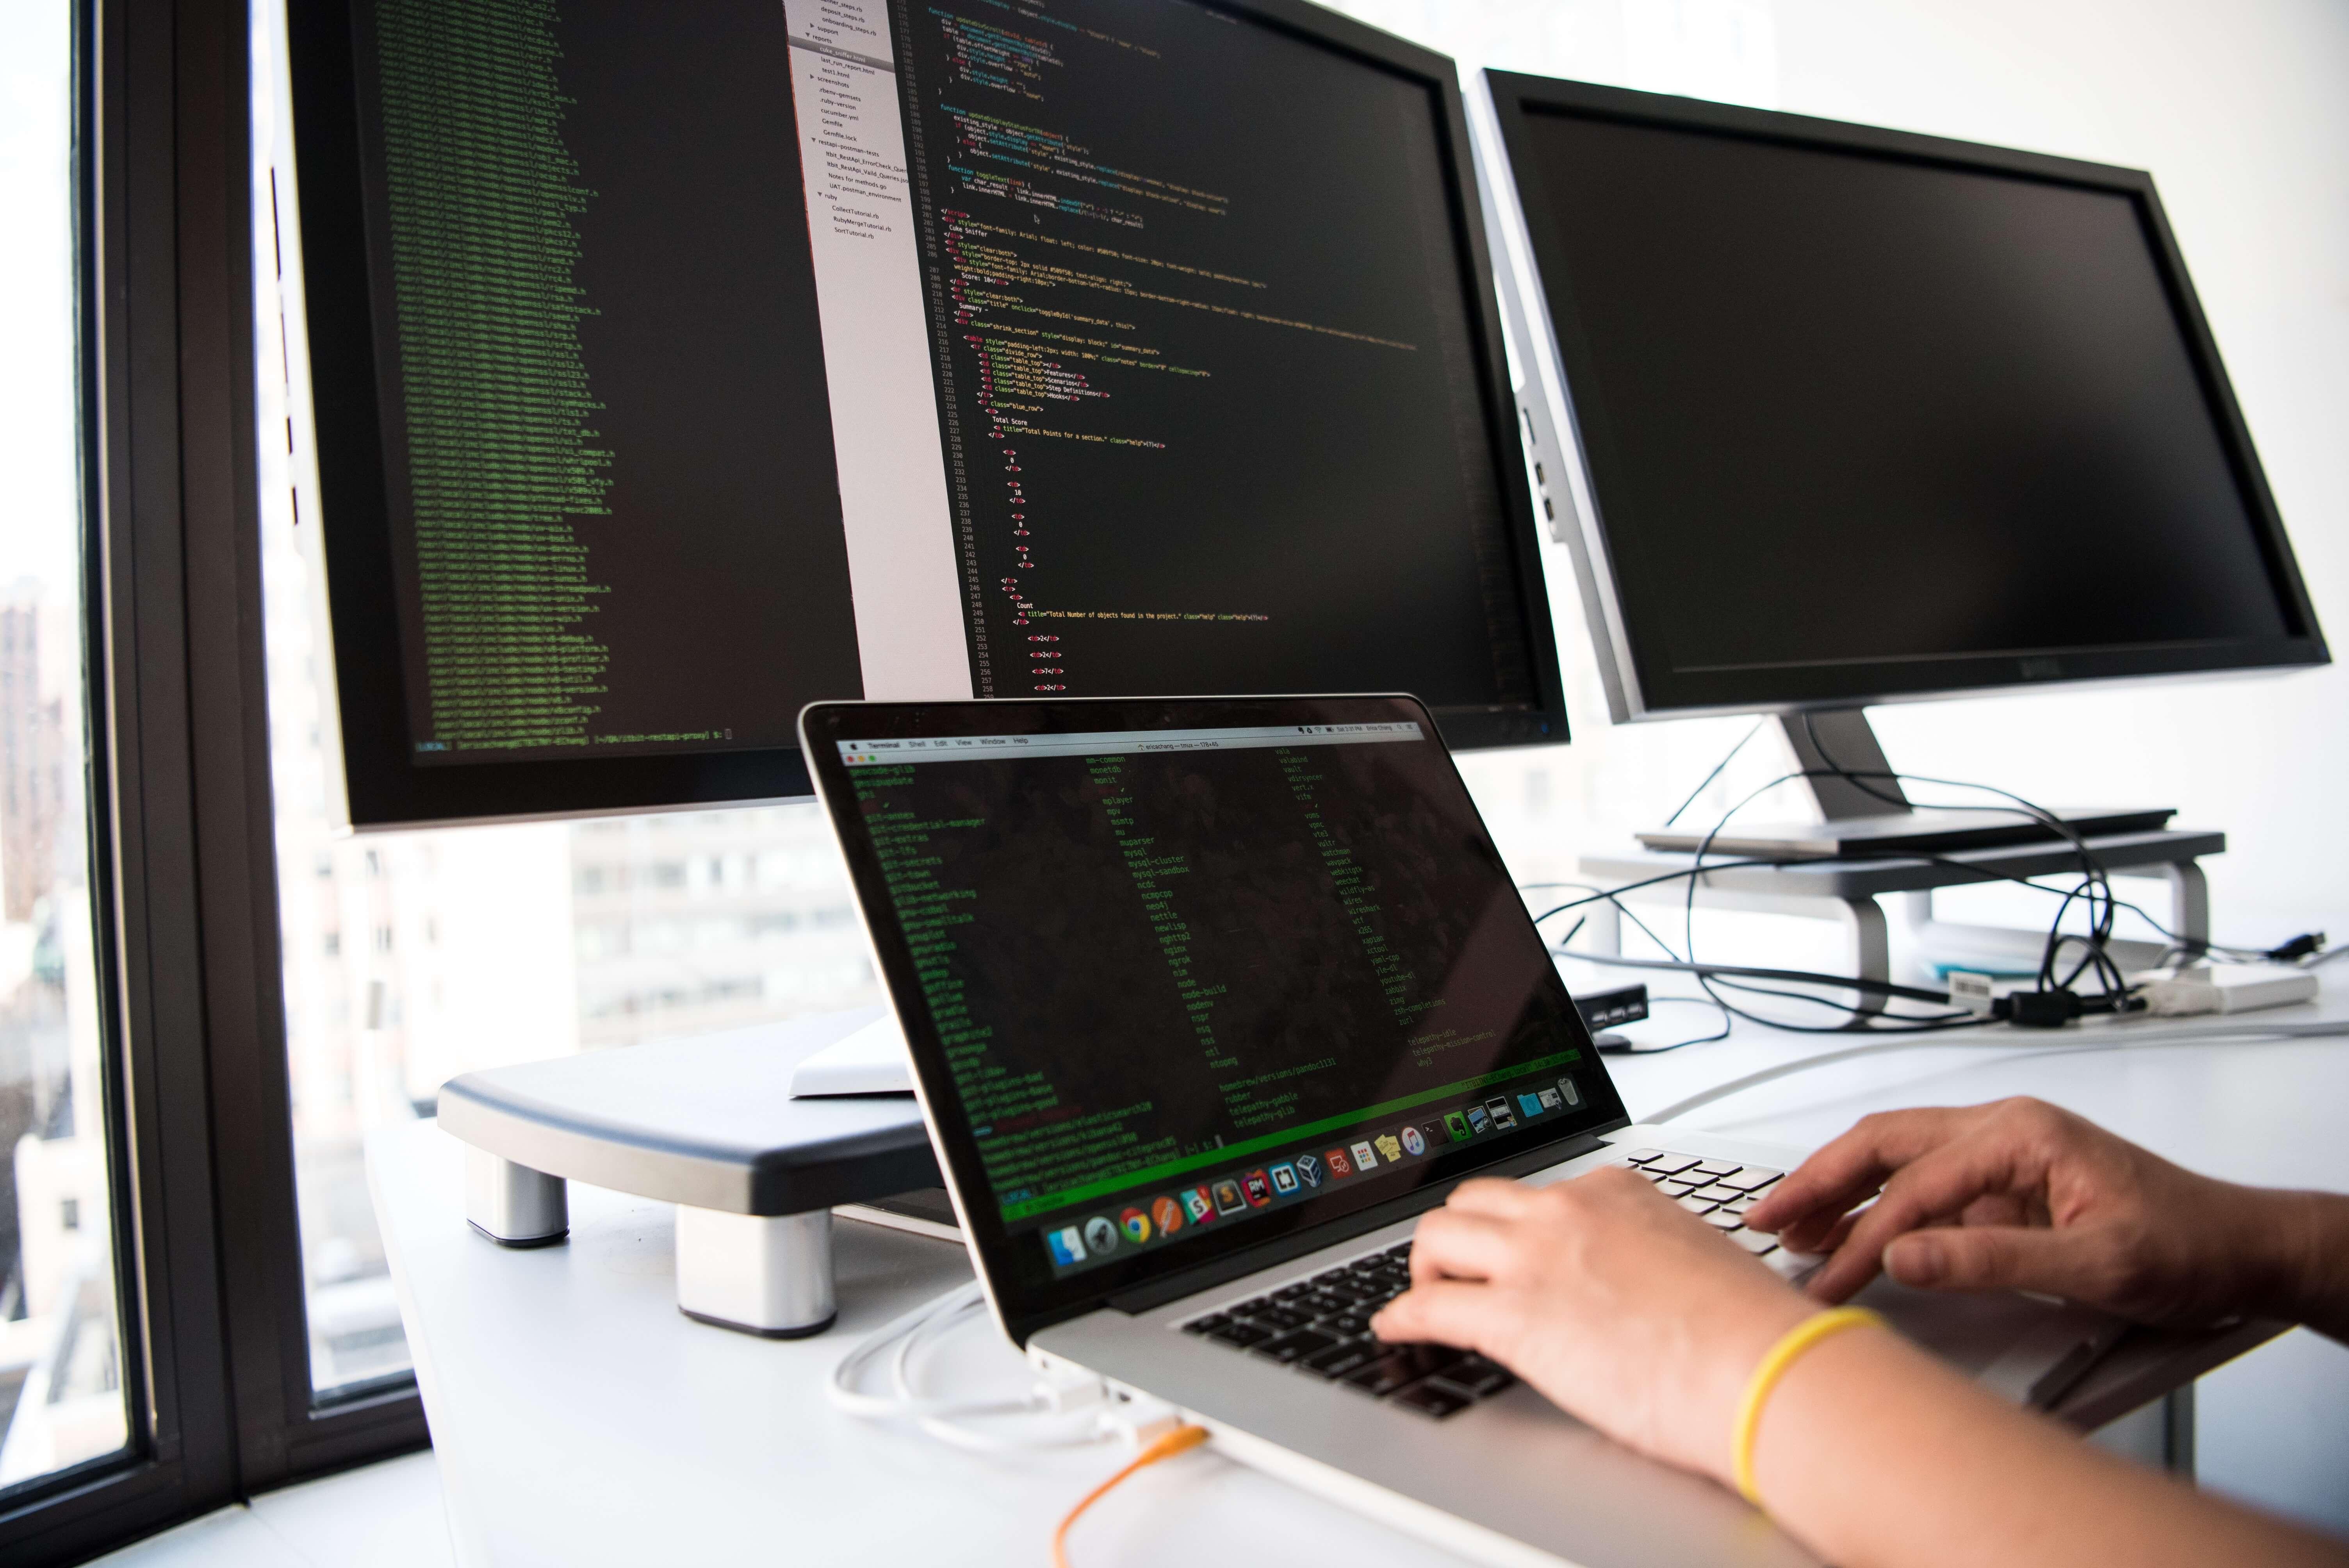 Hiring a software engineer as a non-tech recruiter